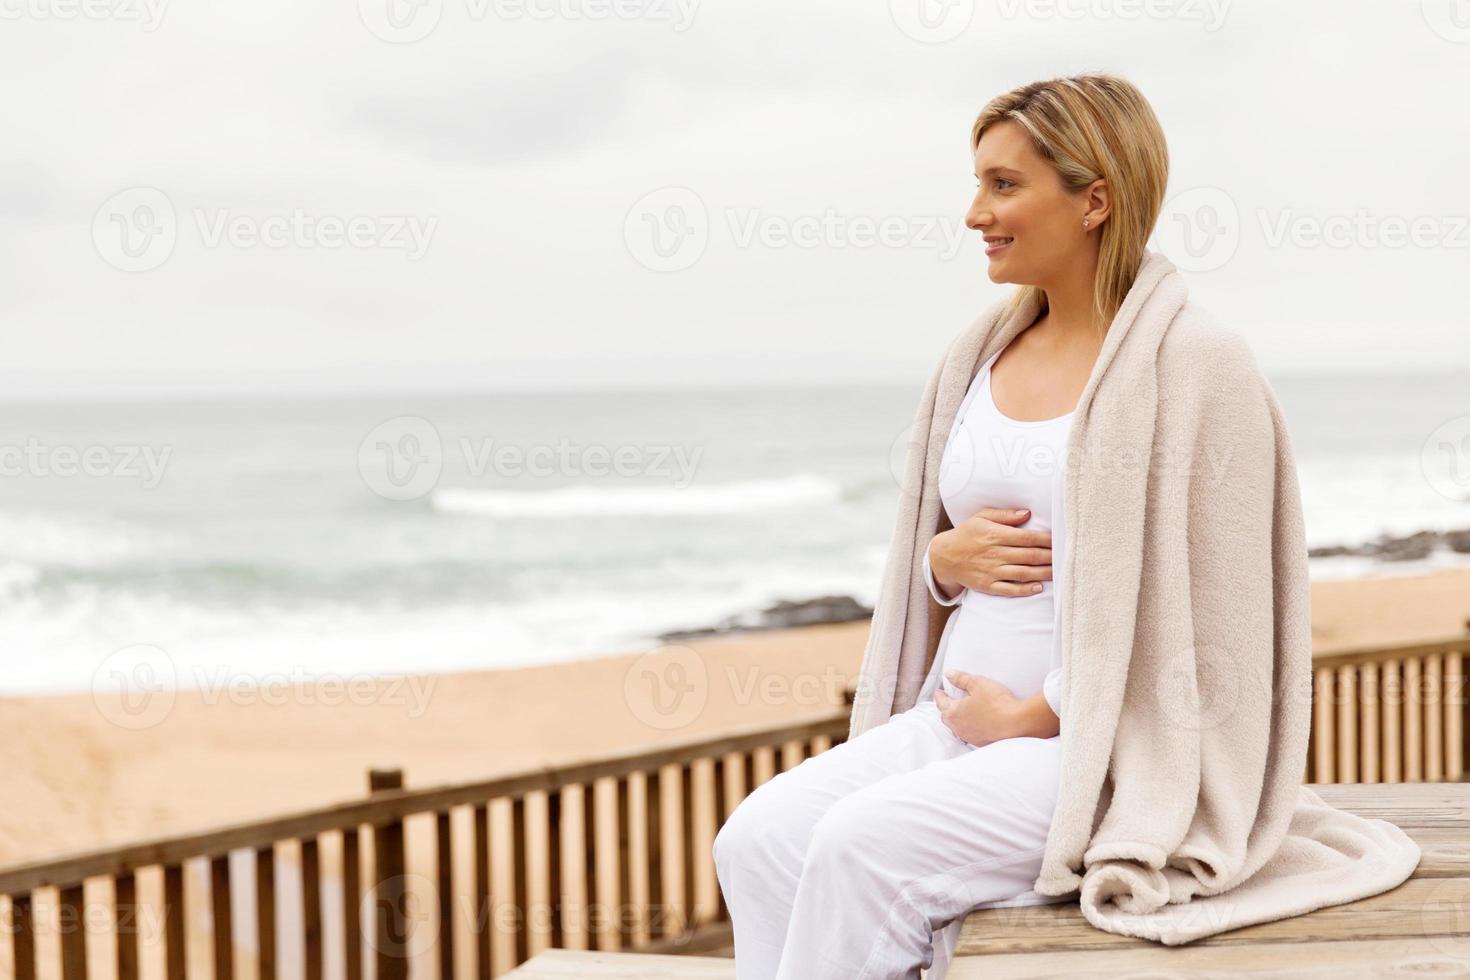 mulher grávida na praia foto